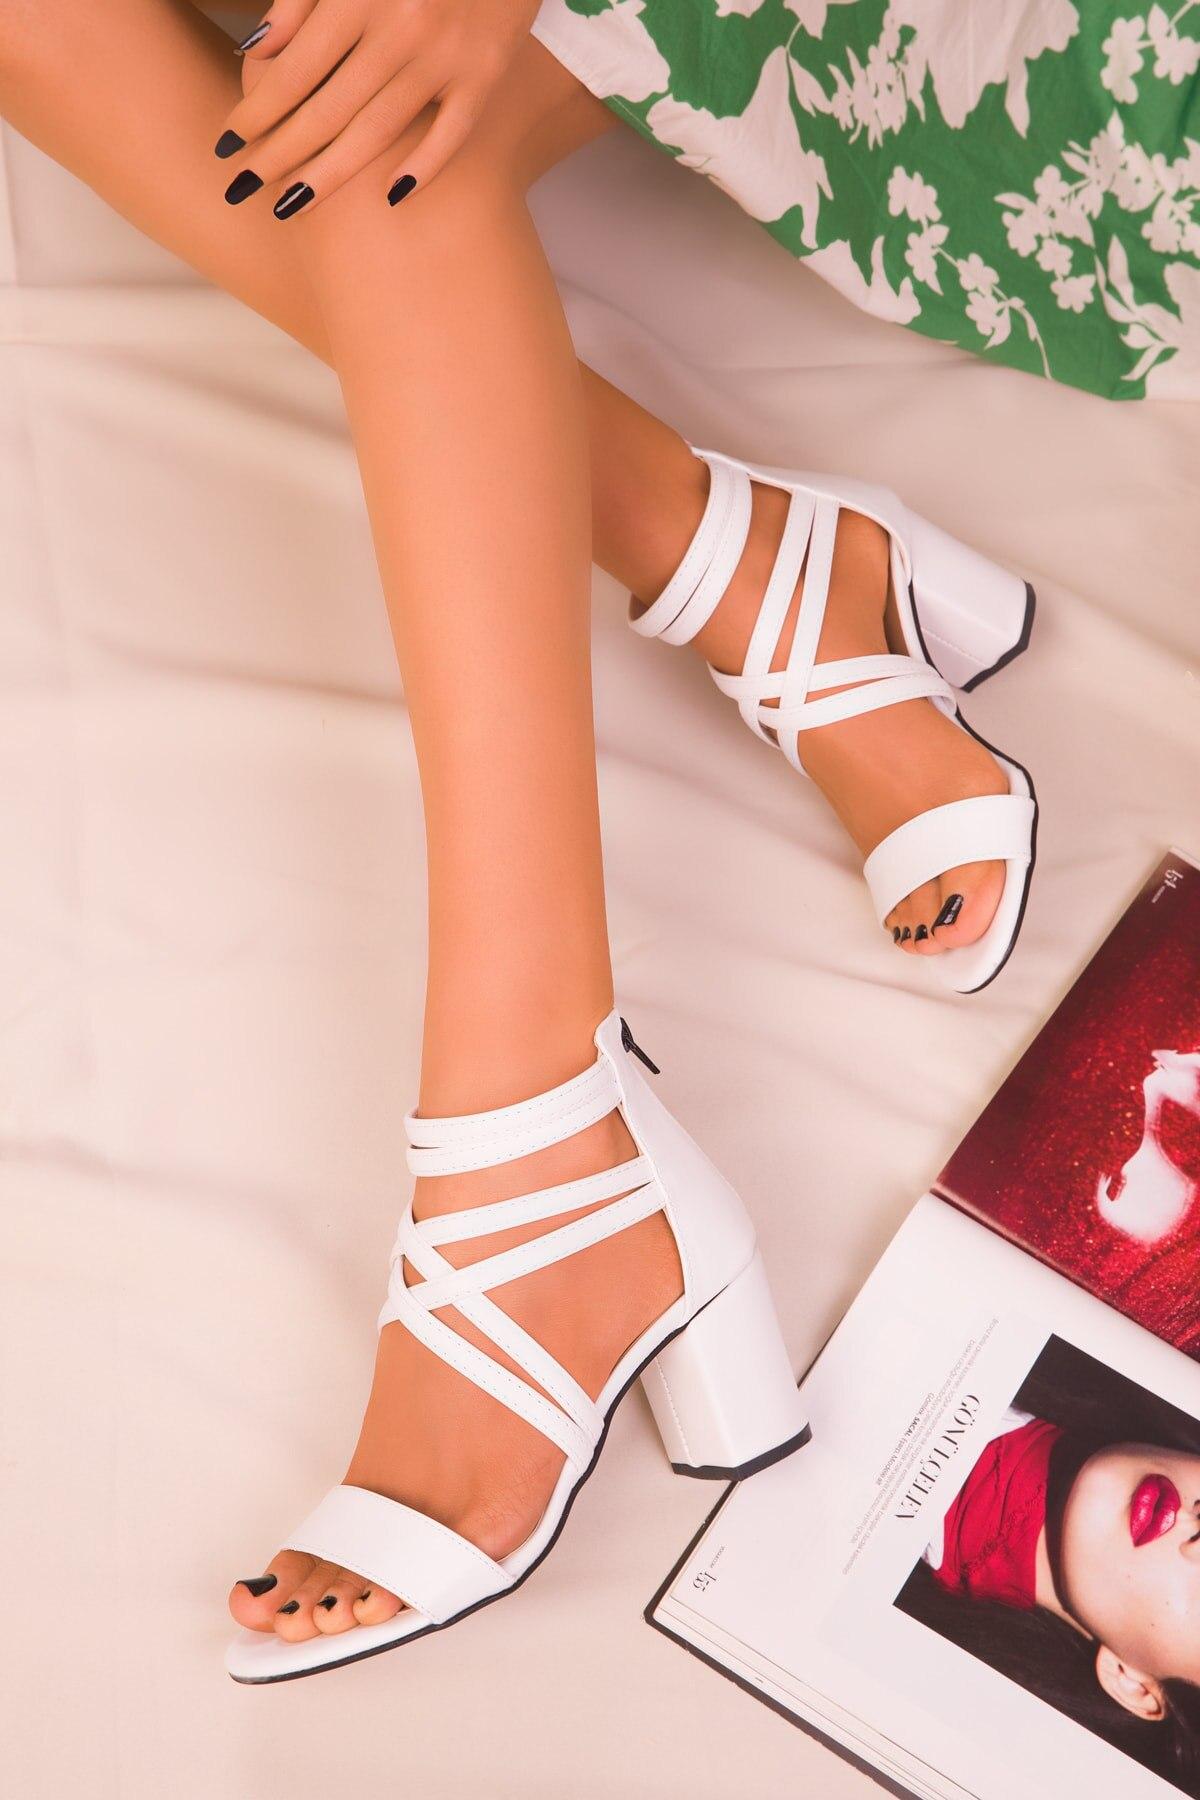 2021 أحذية النساء مضخات كعوب عالية على الموضة أحذية نسائية أحذية الزفاف السيدات Stiletto الكعوب النسائية